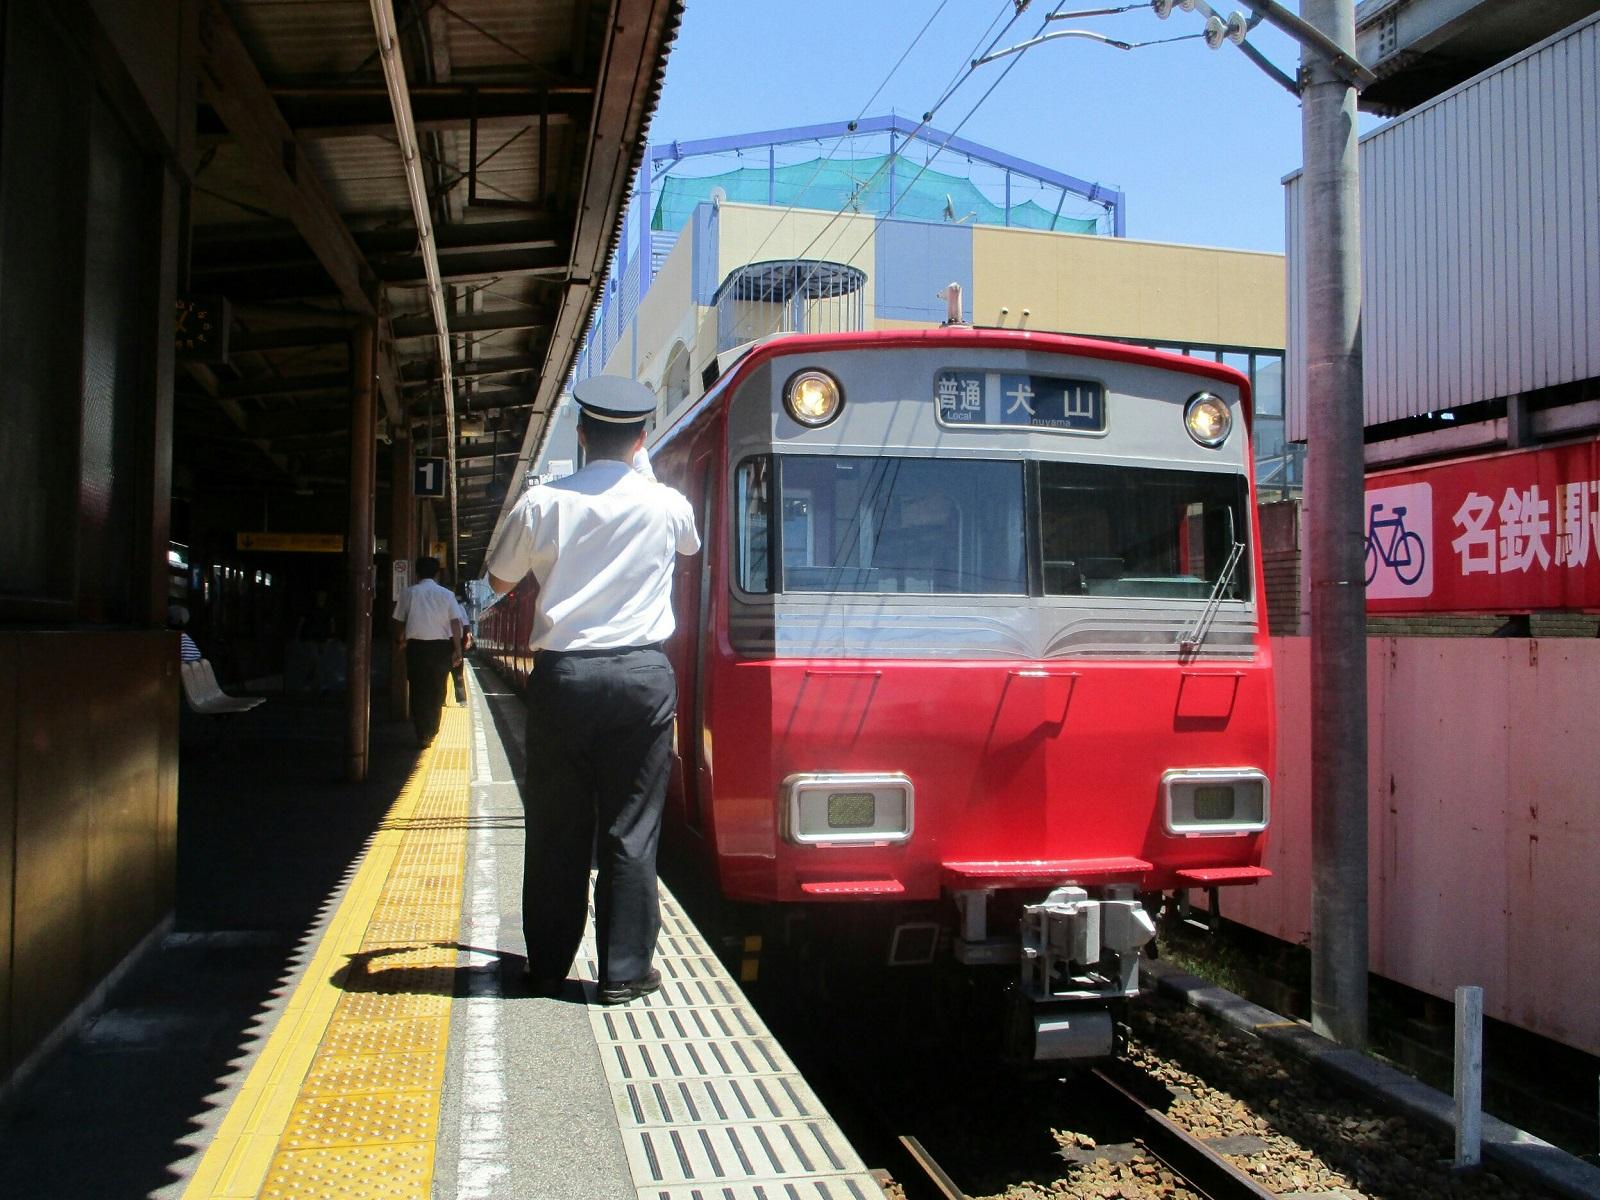 2018.7.31 (16) 東岡崎 - 犬山いきふつう 1600-1200